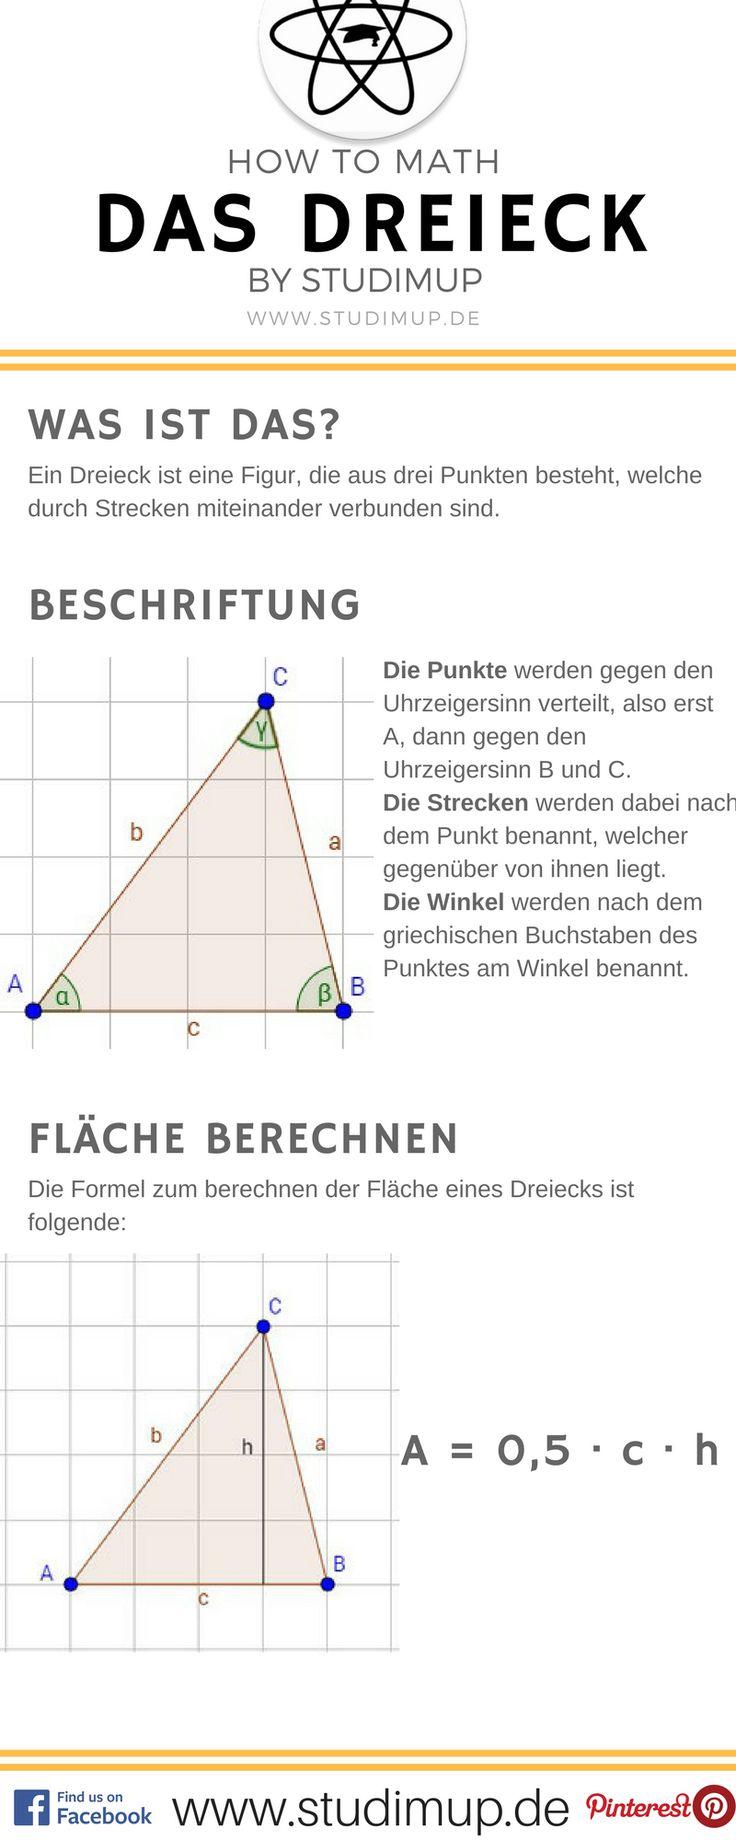 Der Spickzettel zum Dreieck, mit dessen Benennung und wie man die Fläche berechnet.